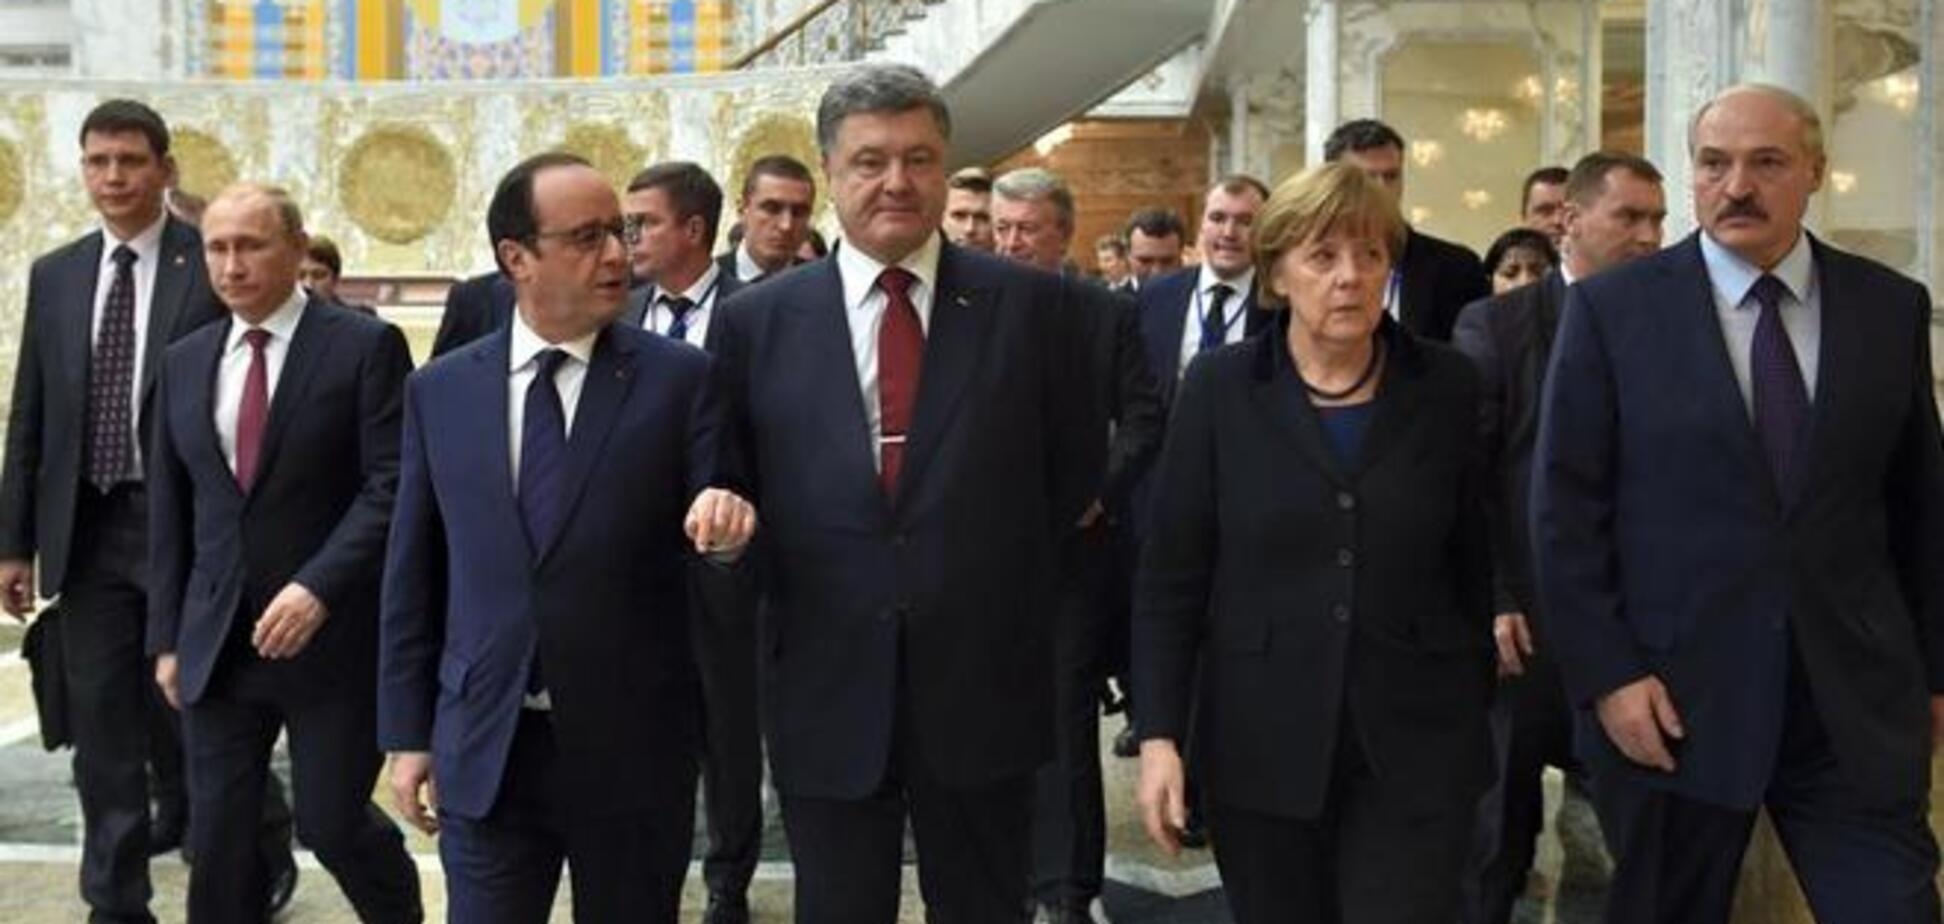 Шанс на мир на Донбасі: у Мінську пройдуть переговори 'нормандської четвірки'